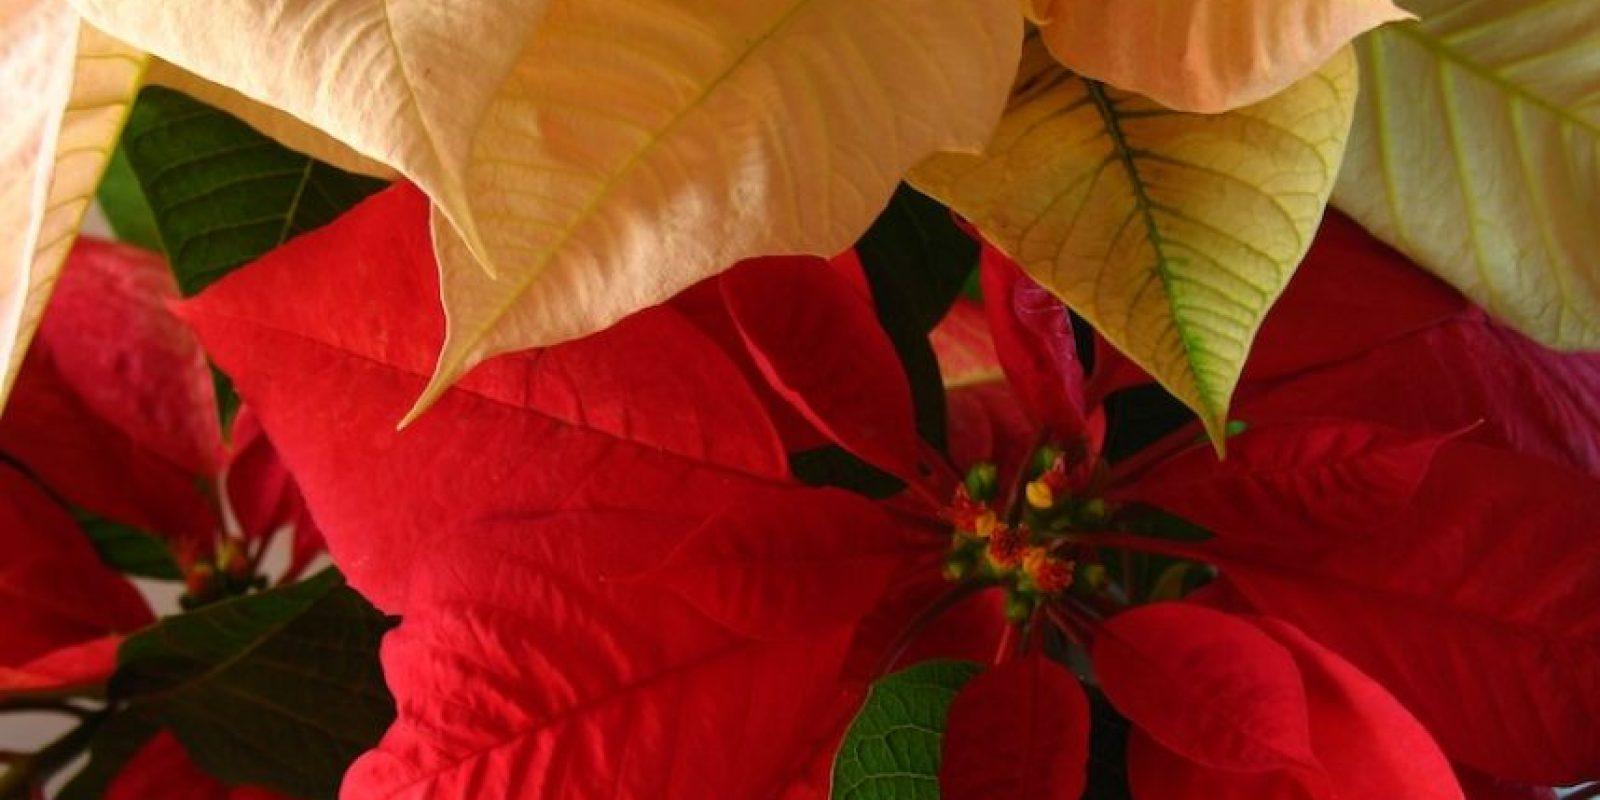 El nombre científico de Euphorbia pulcherrima que pertenece a la familia de las Euforbiaceae. Foto:Publinews